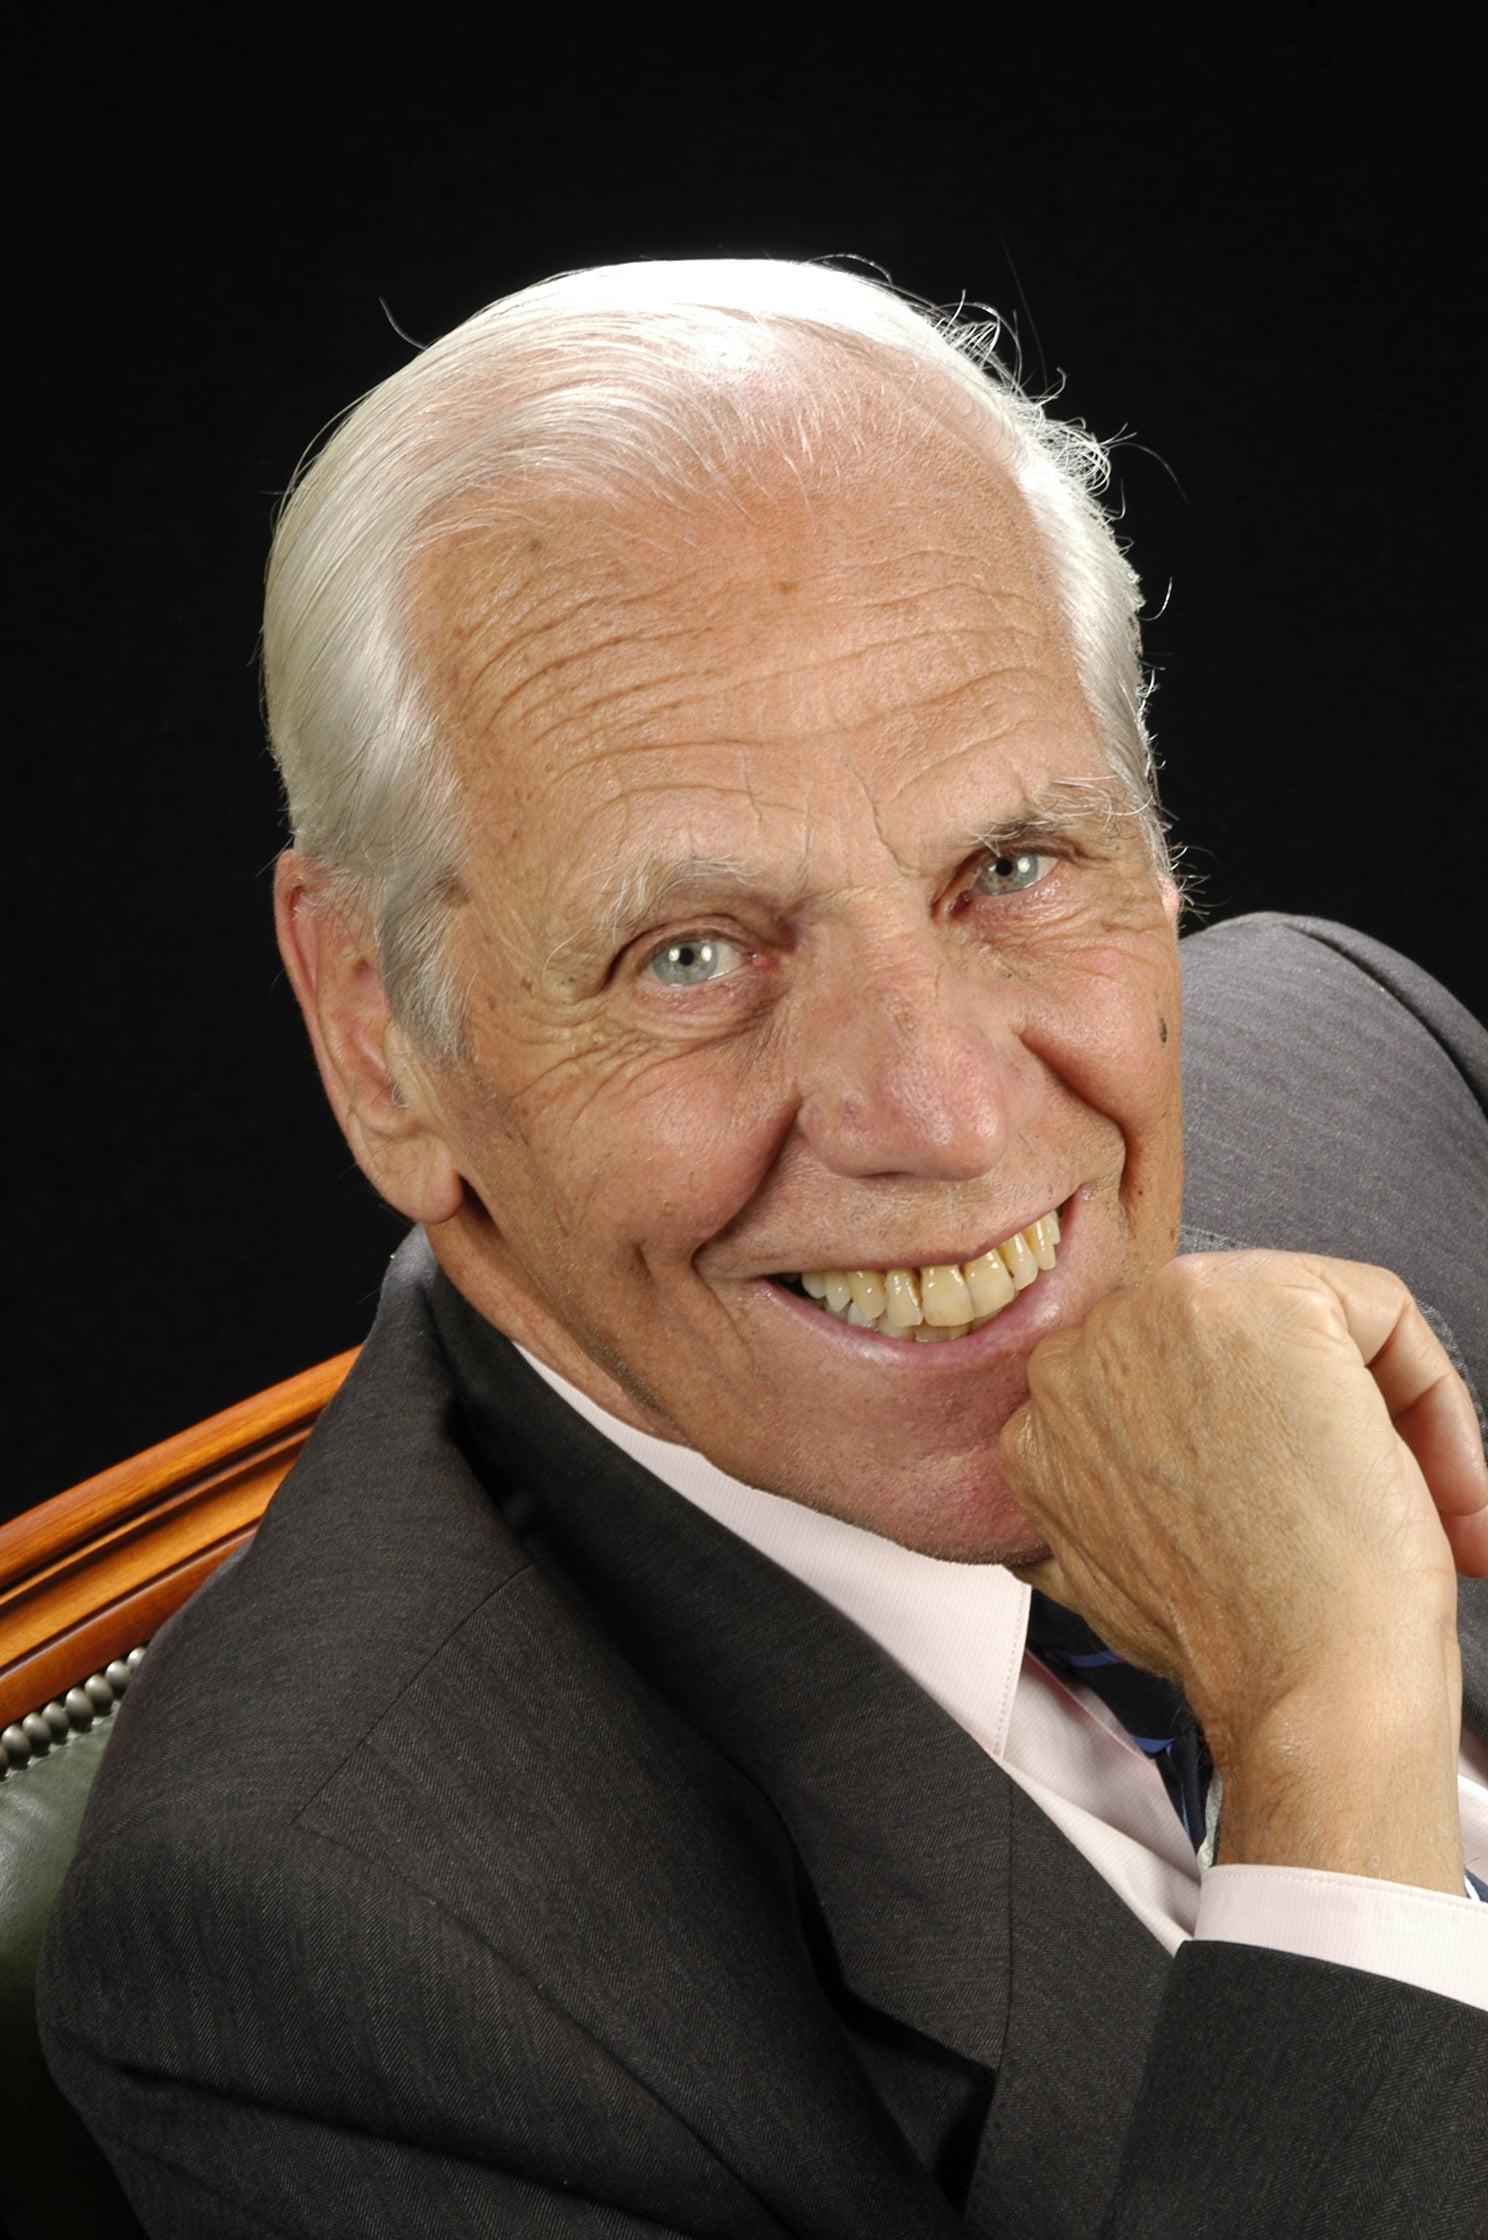 Dr. Jordi Cervós Navarro